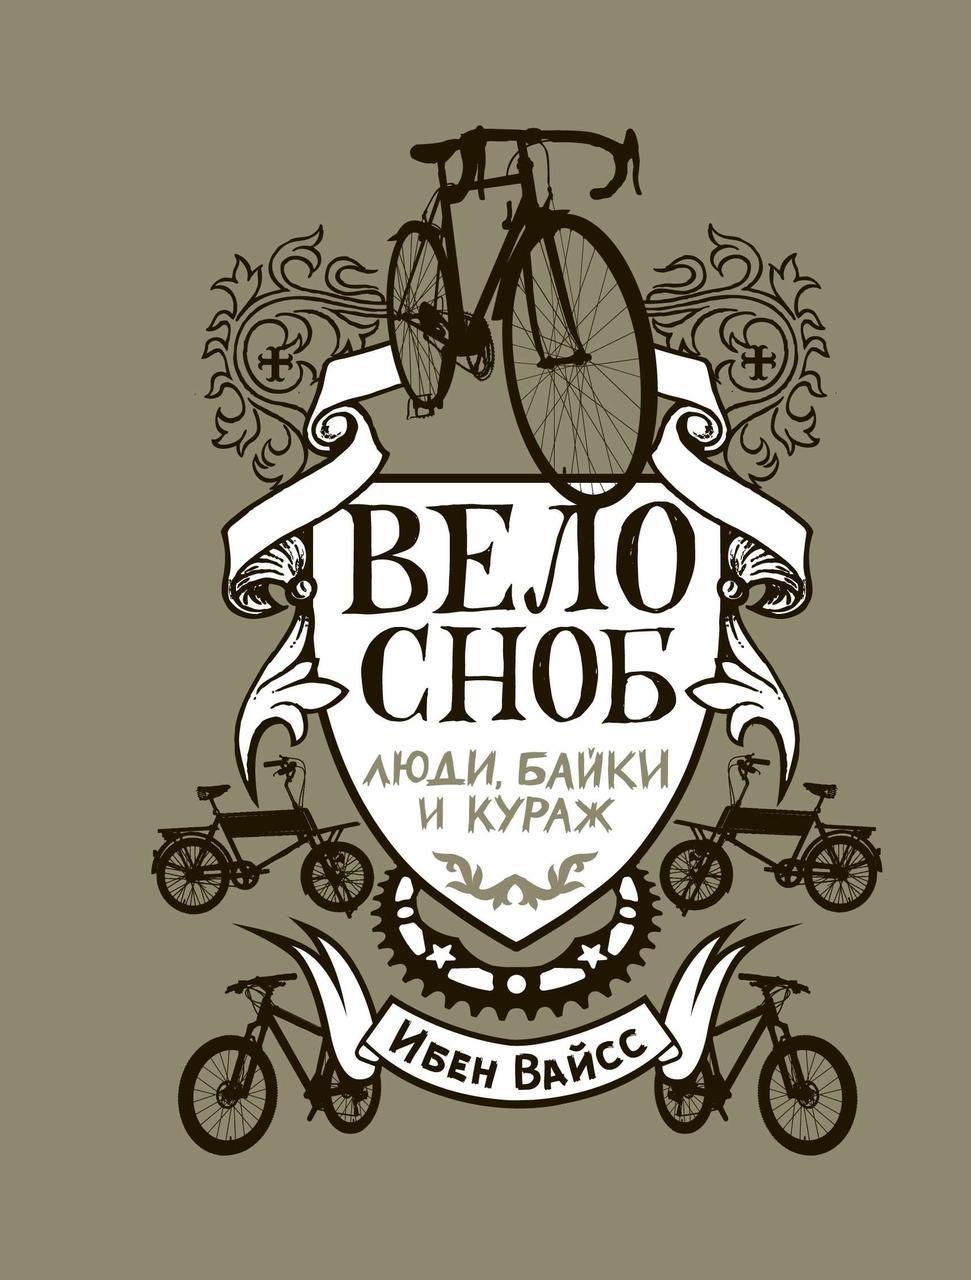 ВелоСноб. Люди, байки и кураж